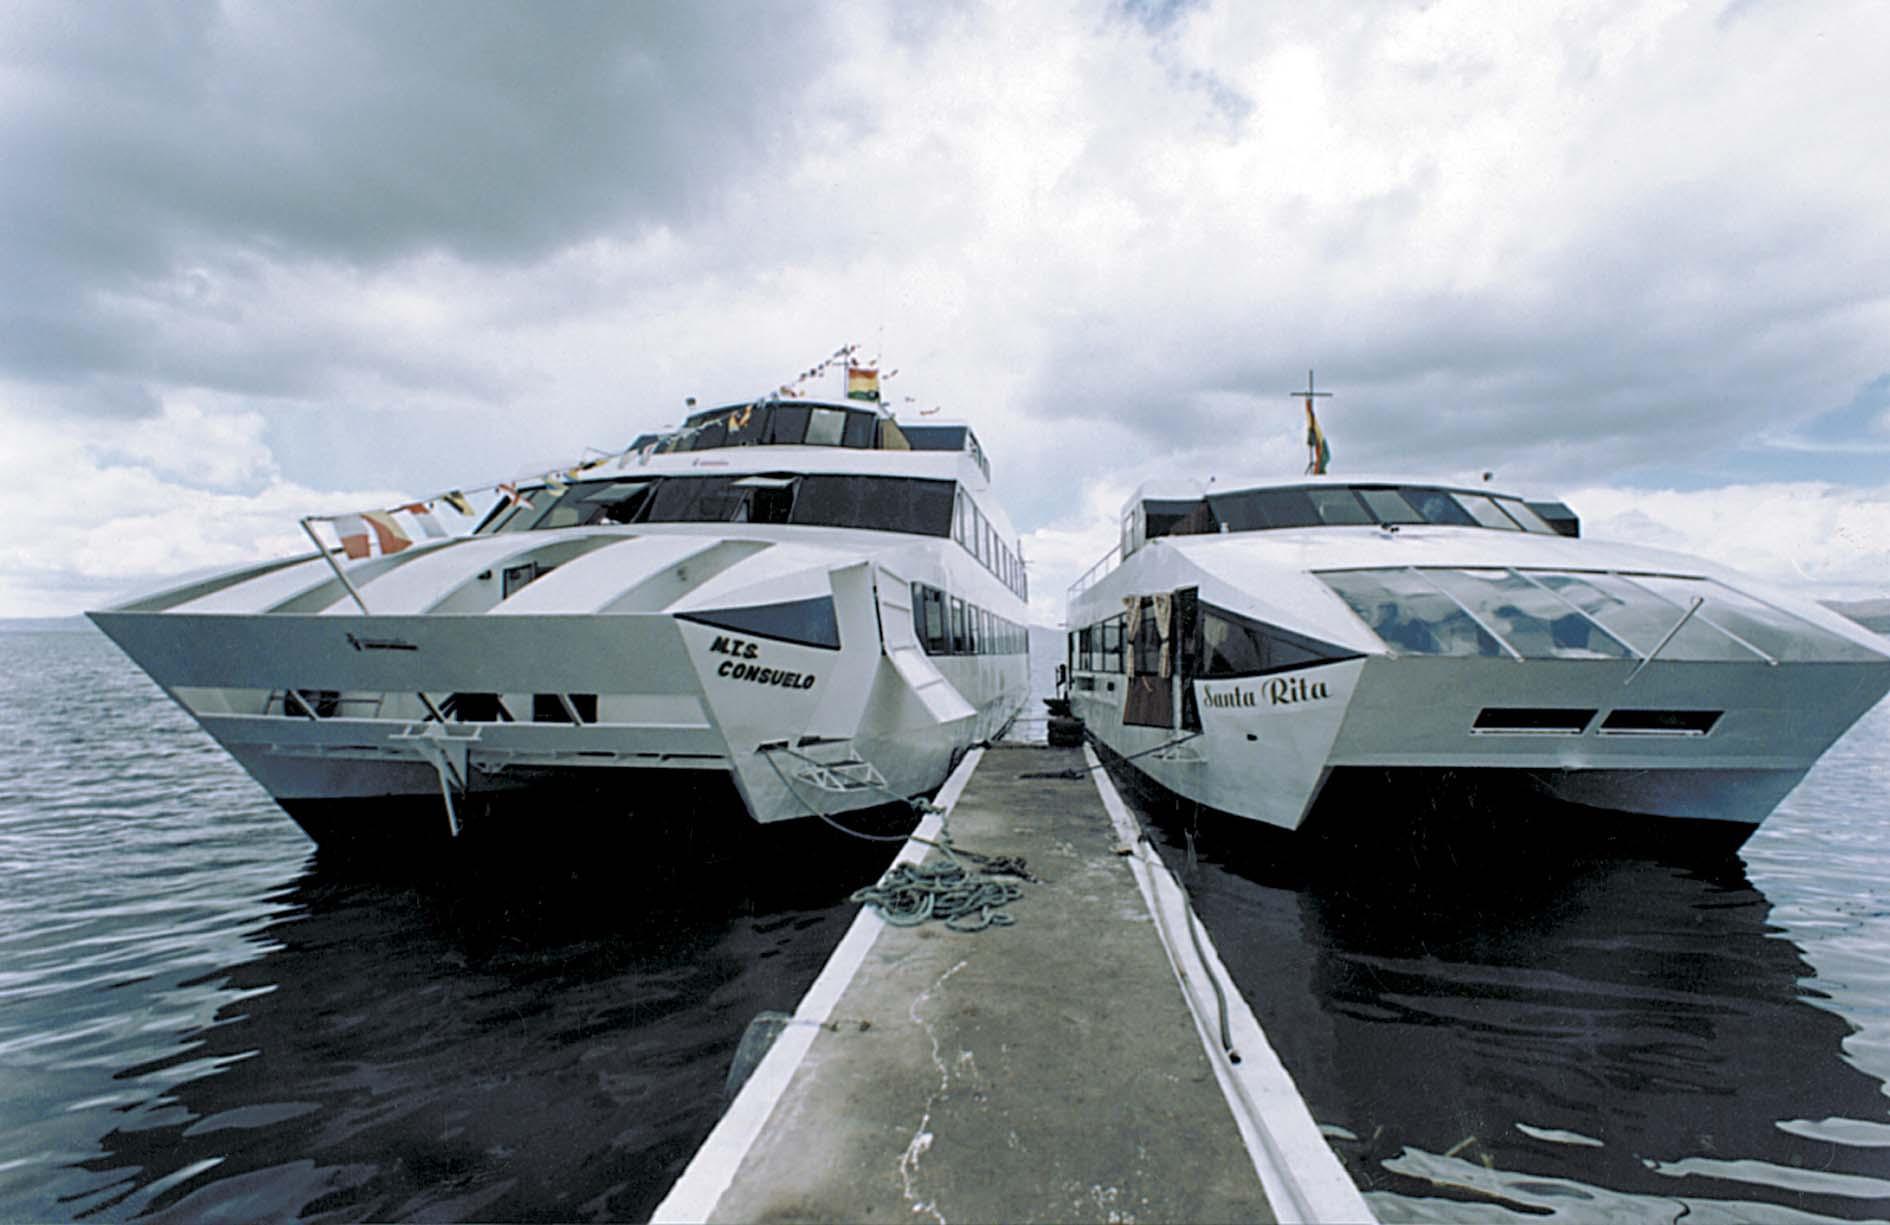 Catamaran Cruise-Ship